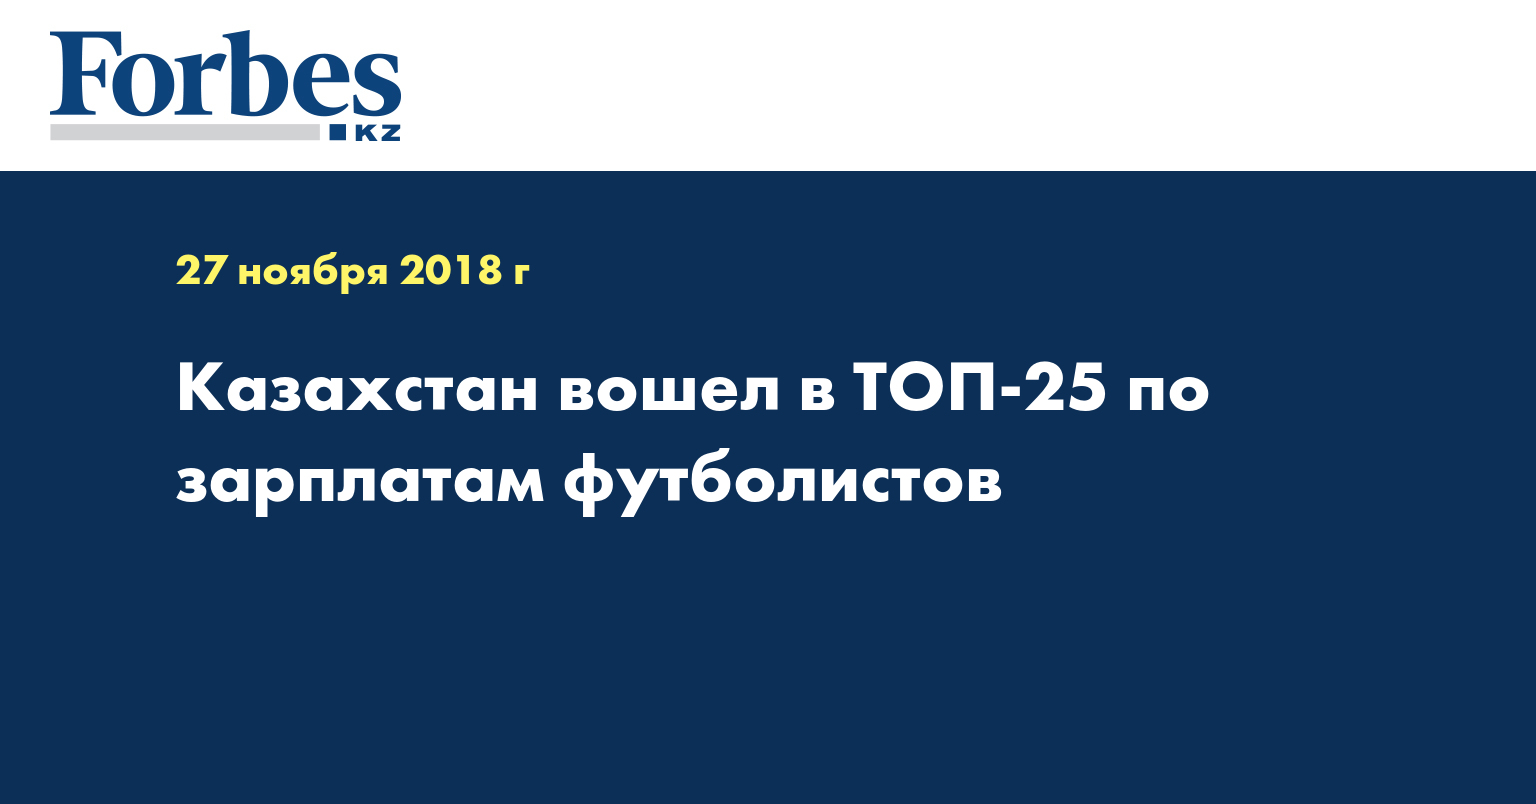 Казахстан вошёл в топ-25 по зарплатам футболистов